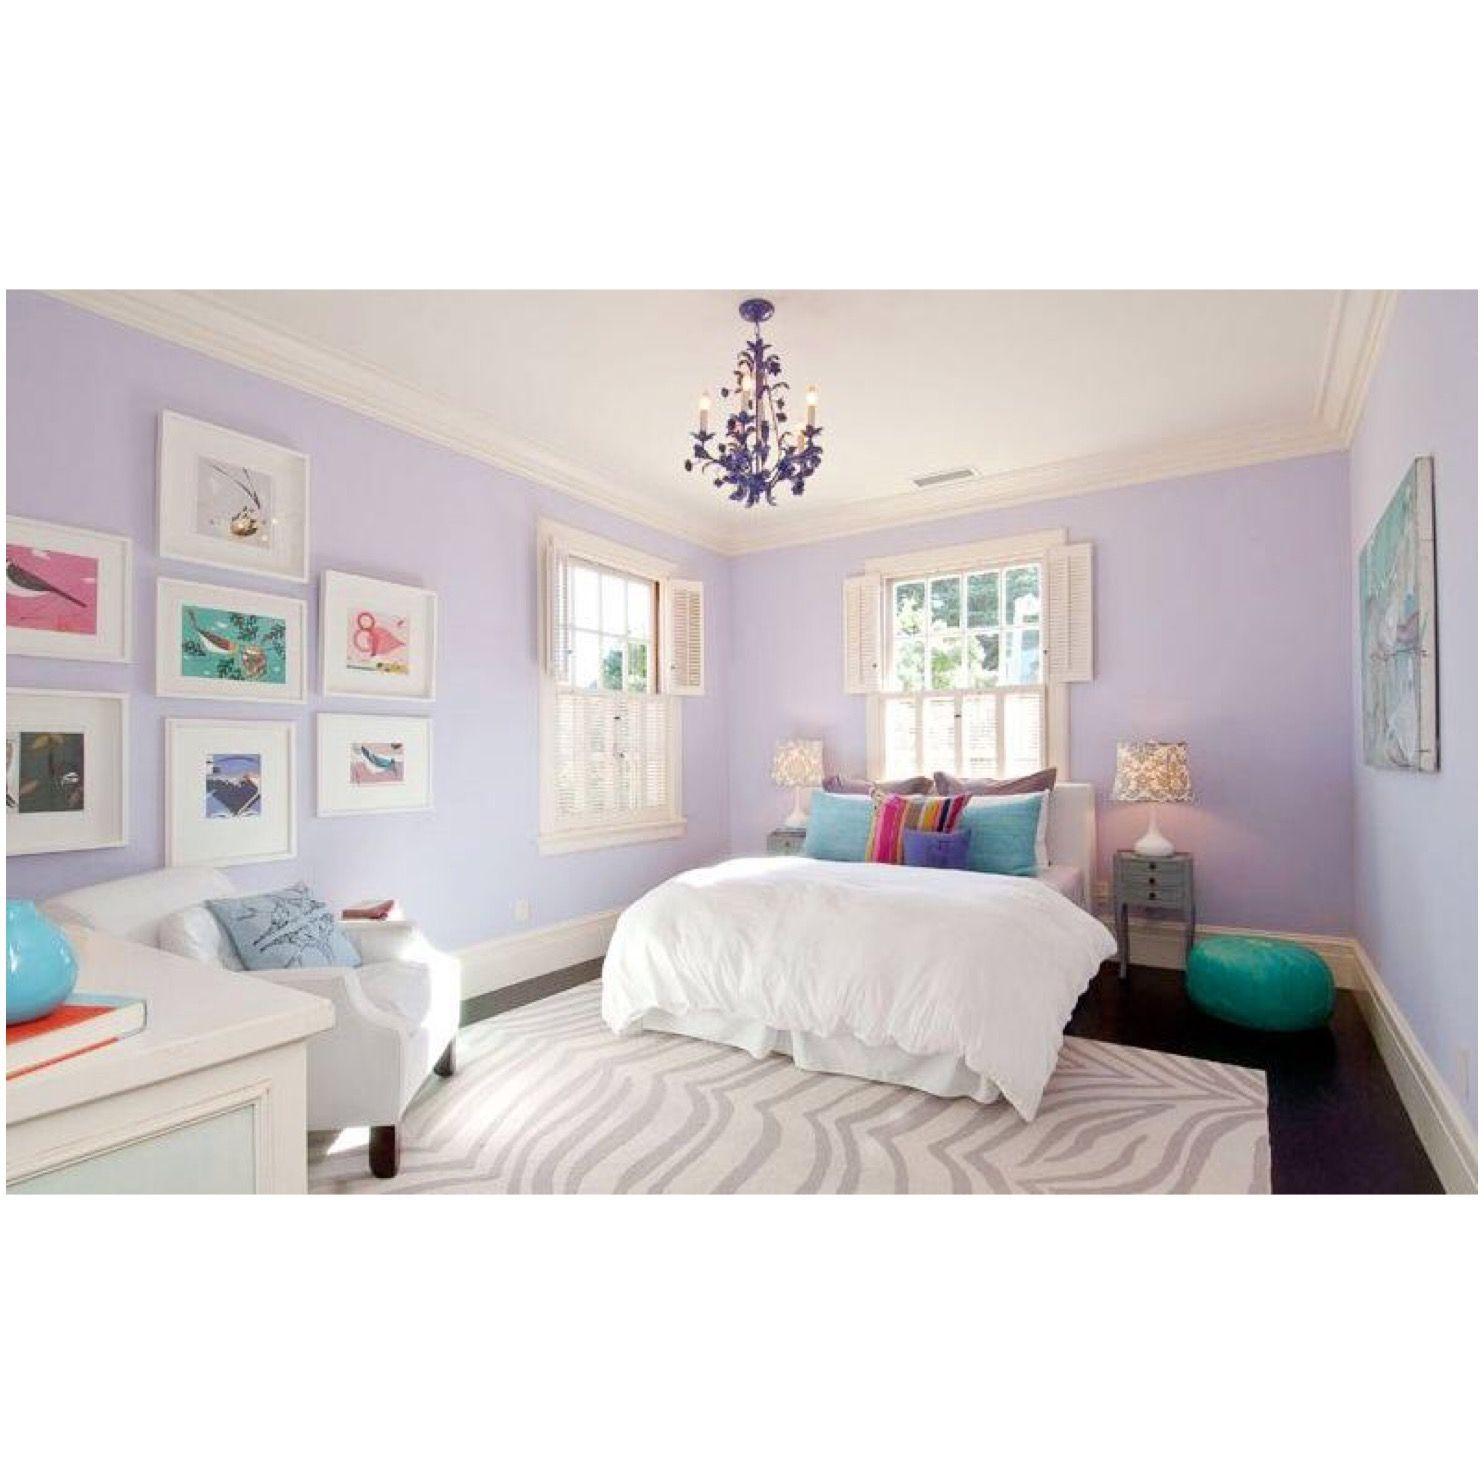 Girls Purple Bedroom Ideas: 06ab0556defbbf180871caae31c449f2.jpg (1484×1484)